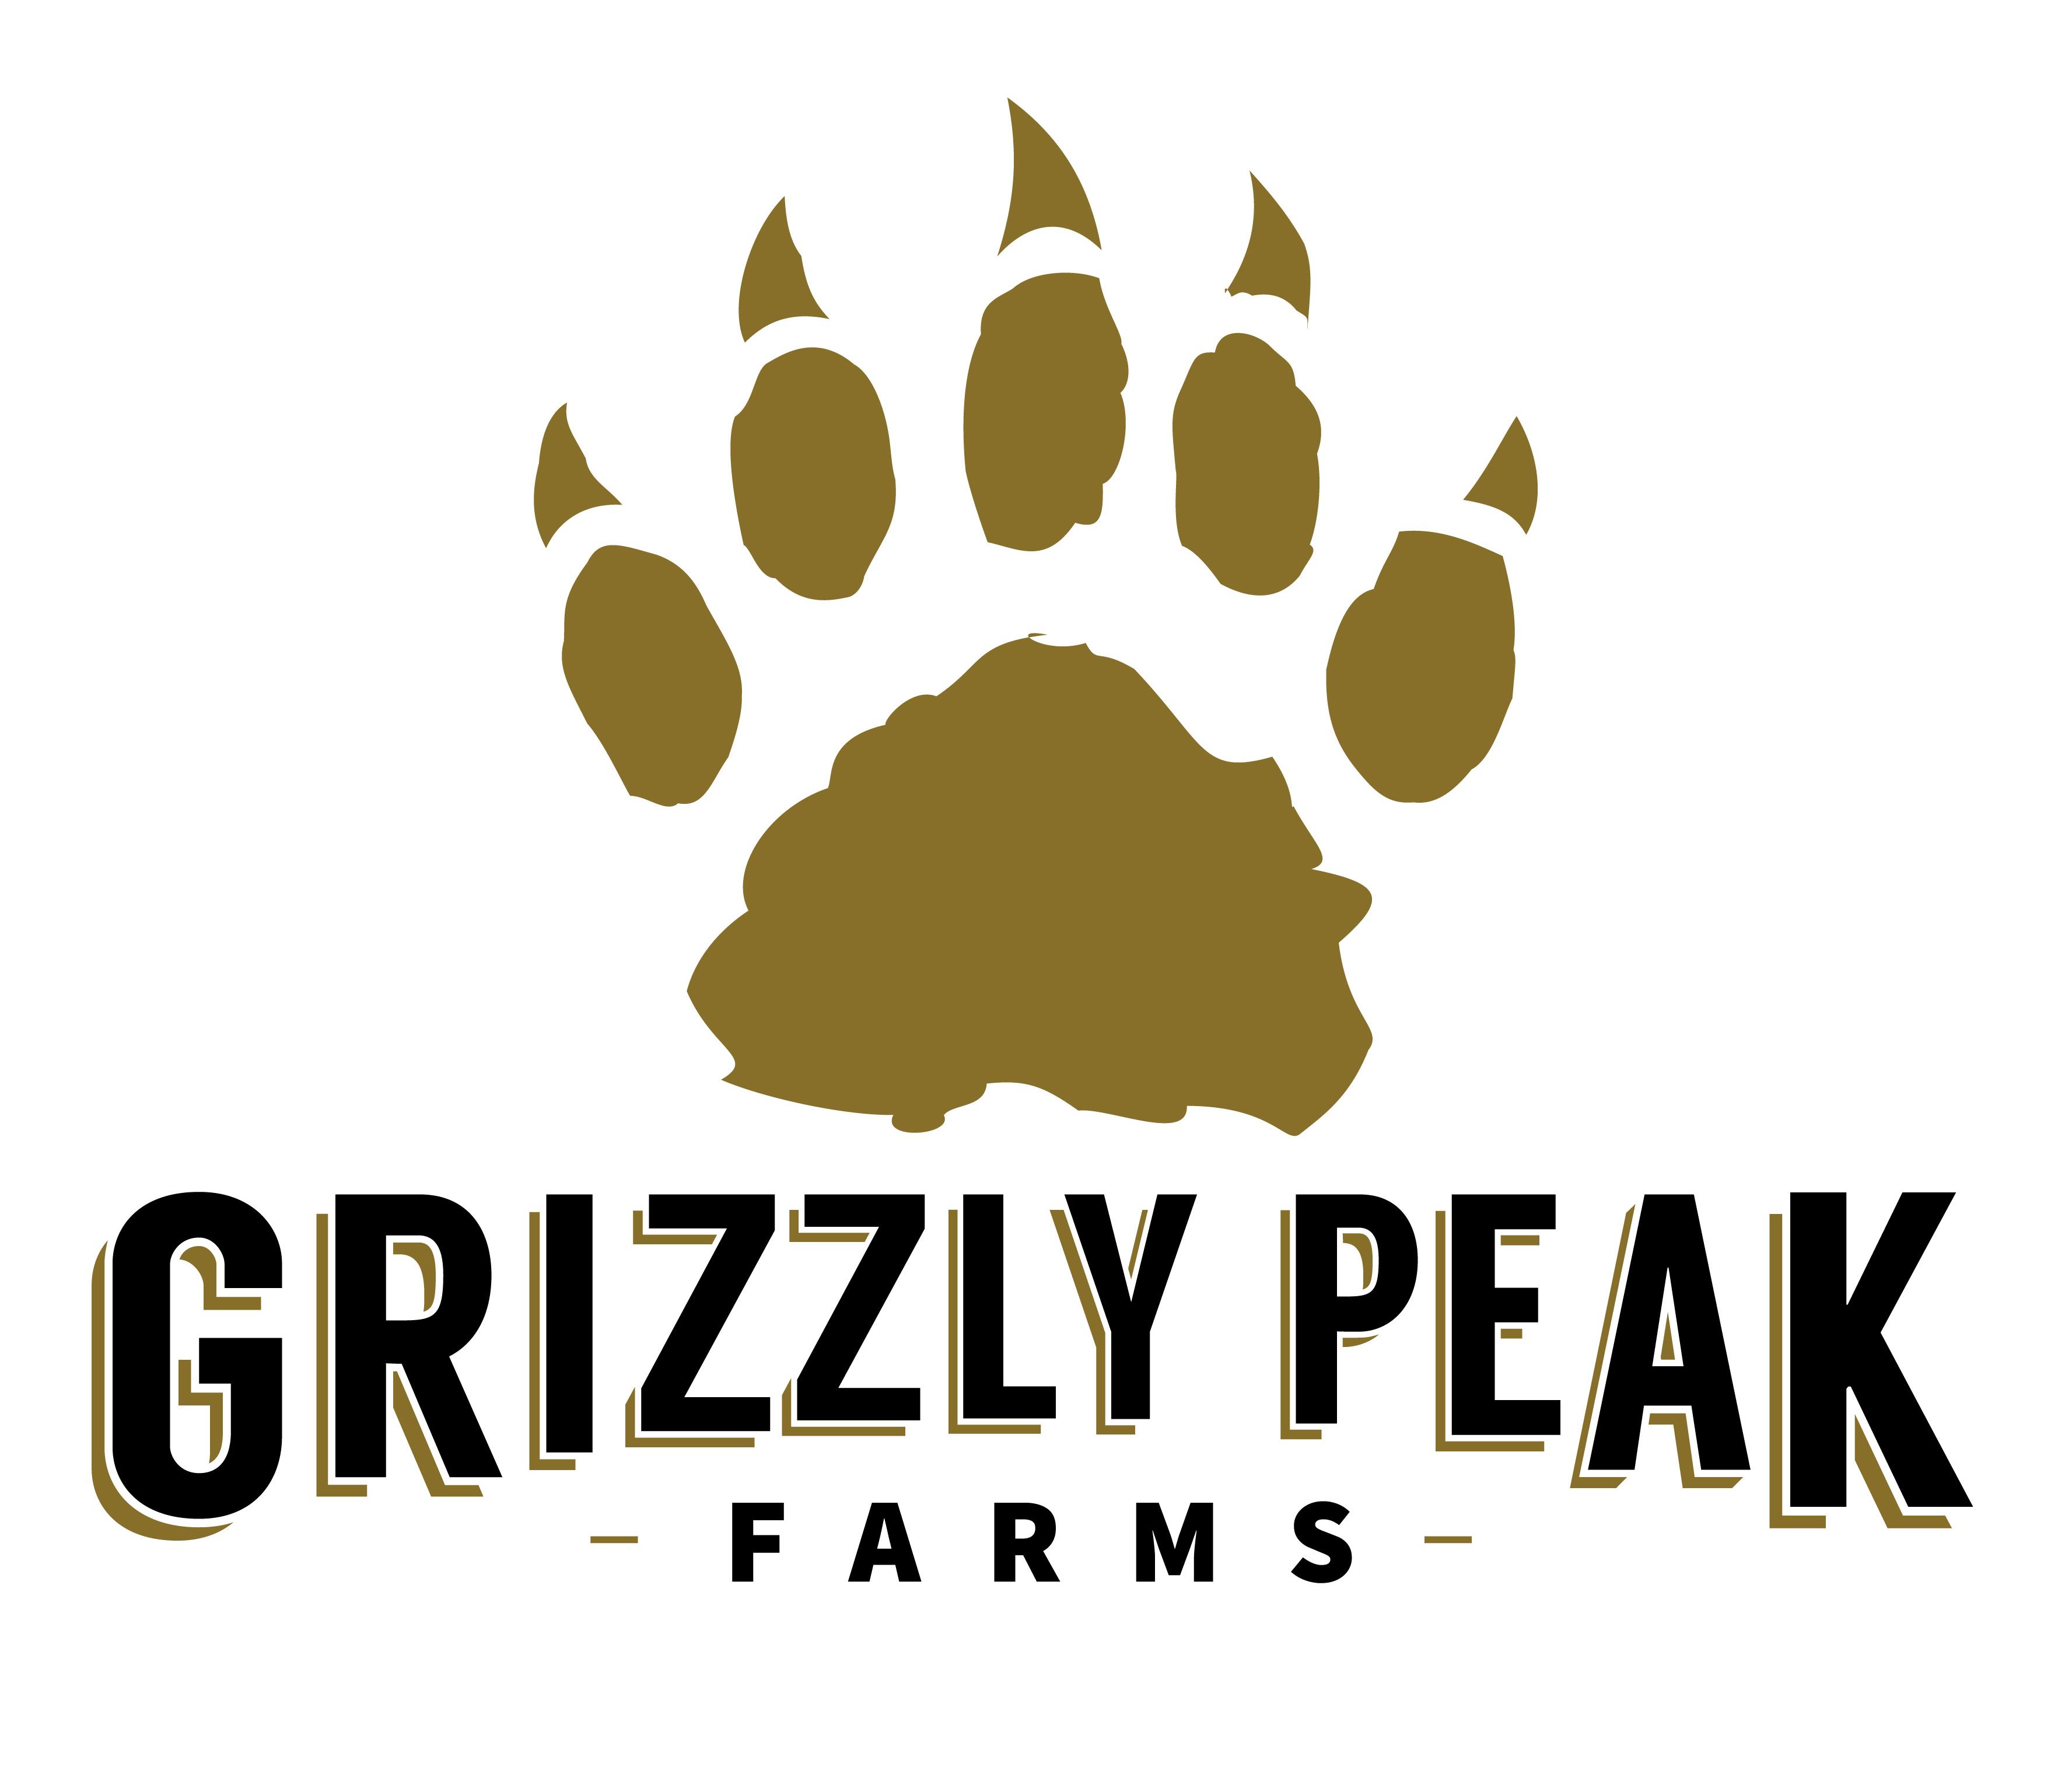 Grizzly peak farms-FINAL